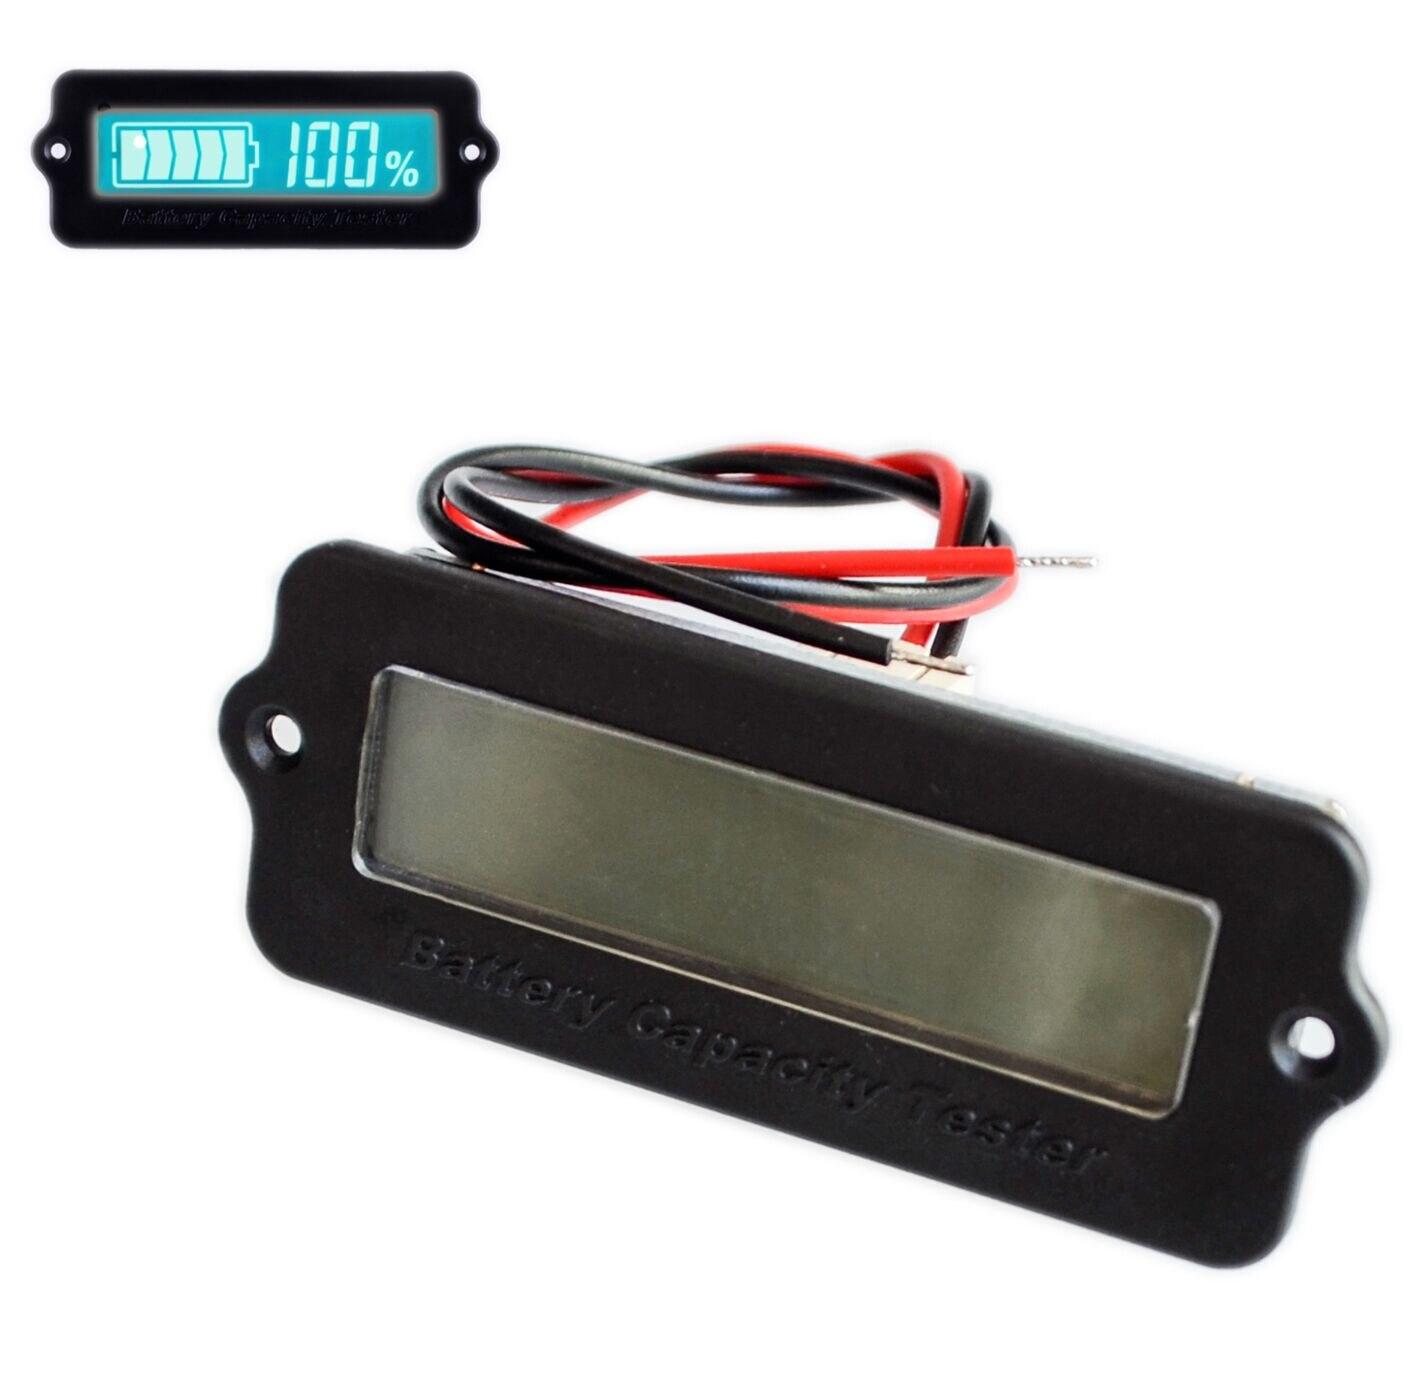 Azul 12 V LY6W Indicador Da Capacidade Da Bateria de Chumbo Ácido Dígitos Display LCD Detector Tester Voltímetro Medidor de Energia Da Bateria De Lítio